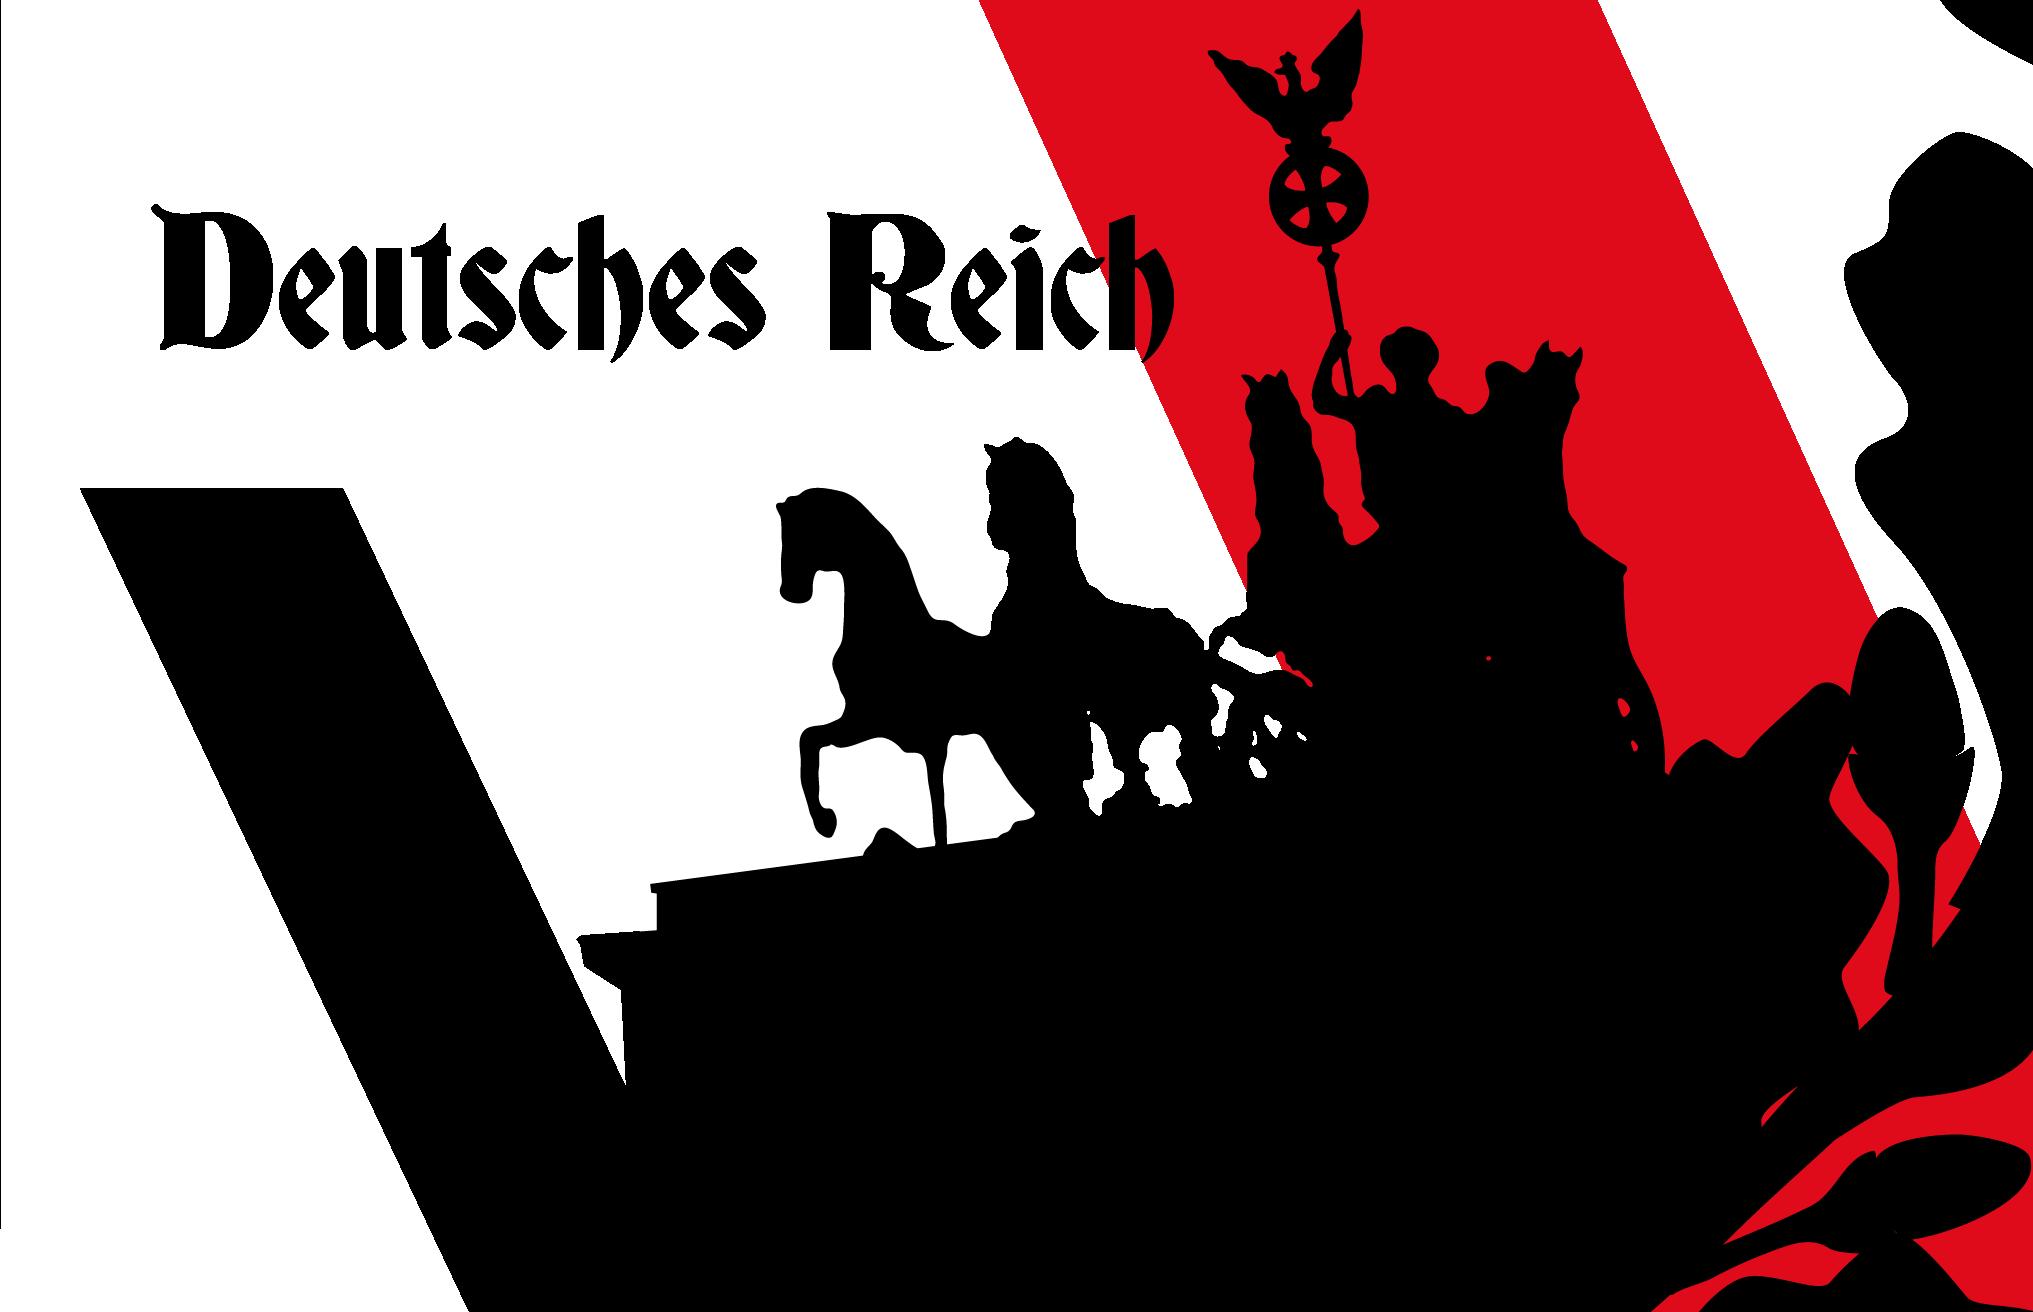 Flags and symbols by arminius1871 on deviantart arminius1871 44 7 quadriga logo by arminius1871 buycottarizona